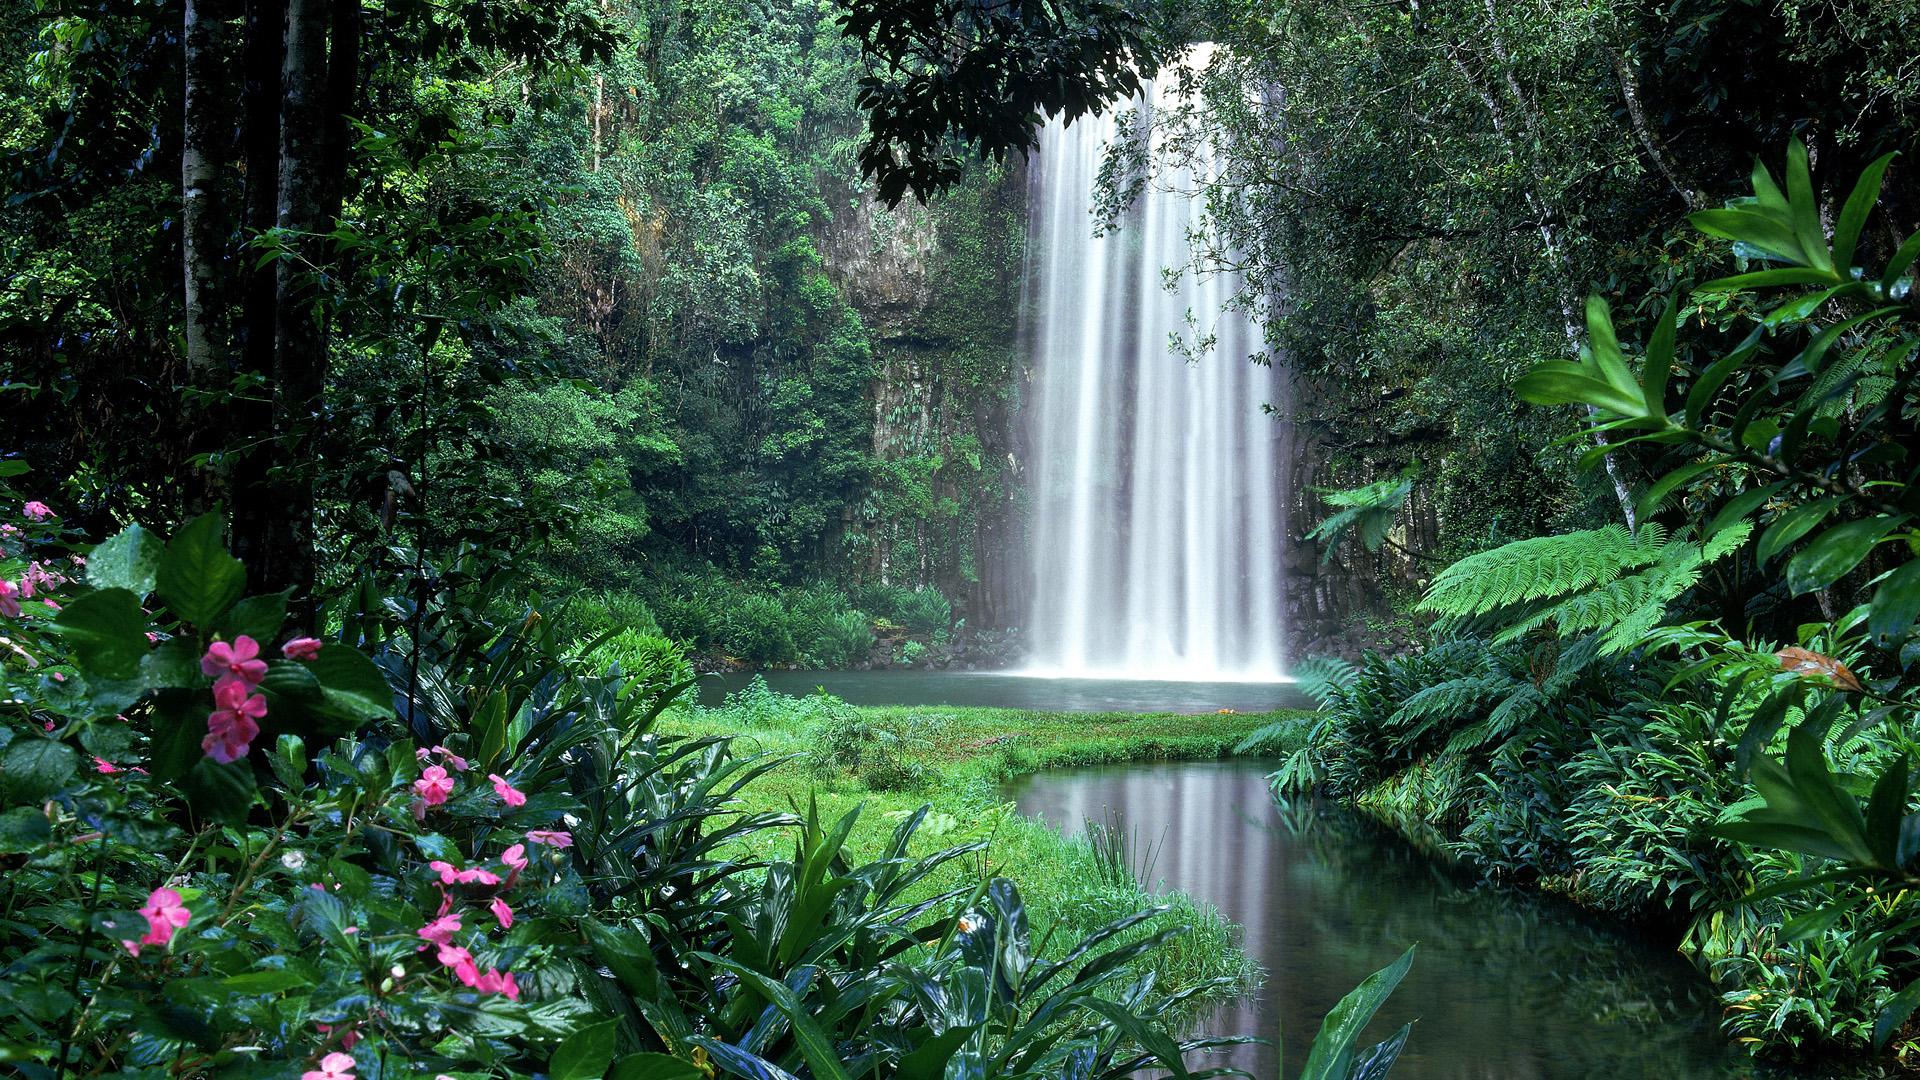 Millaa Millaa Falls, Atherton Tableland, Nth Qld